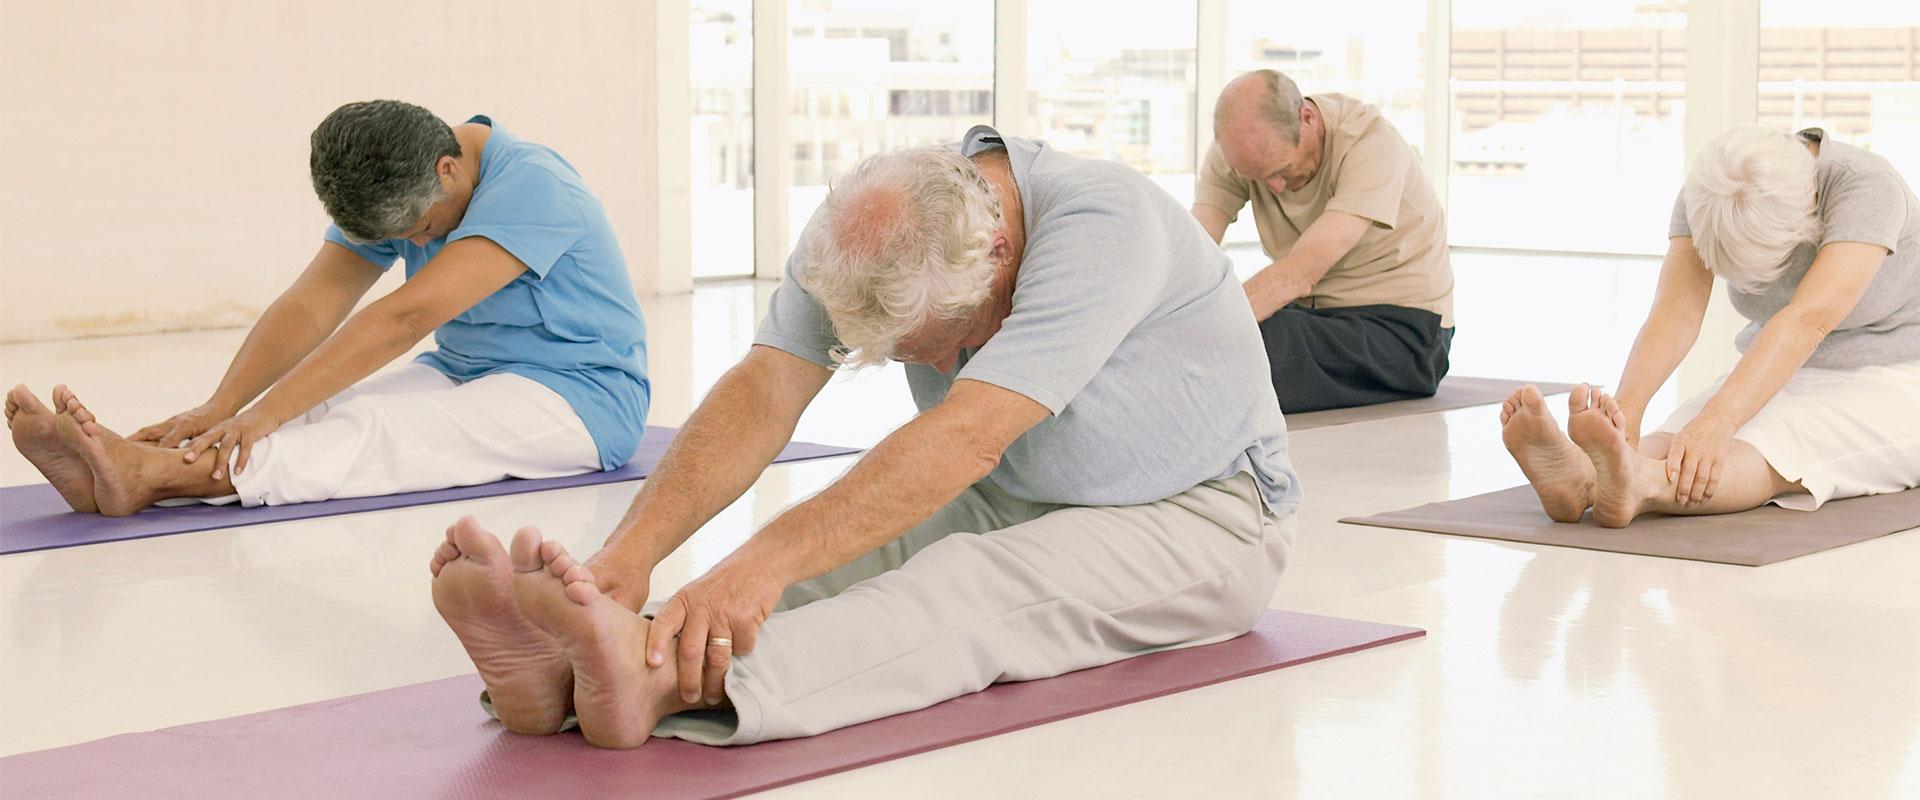 Adultos mayores haciendo pilates para tener una vida fitness.